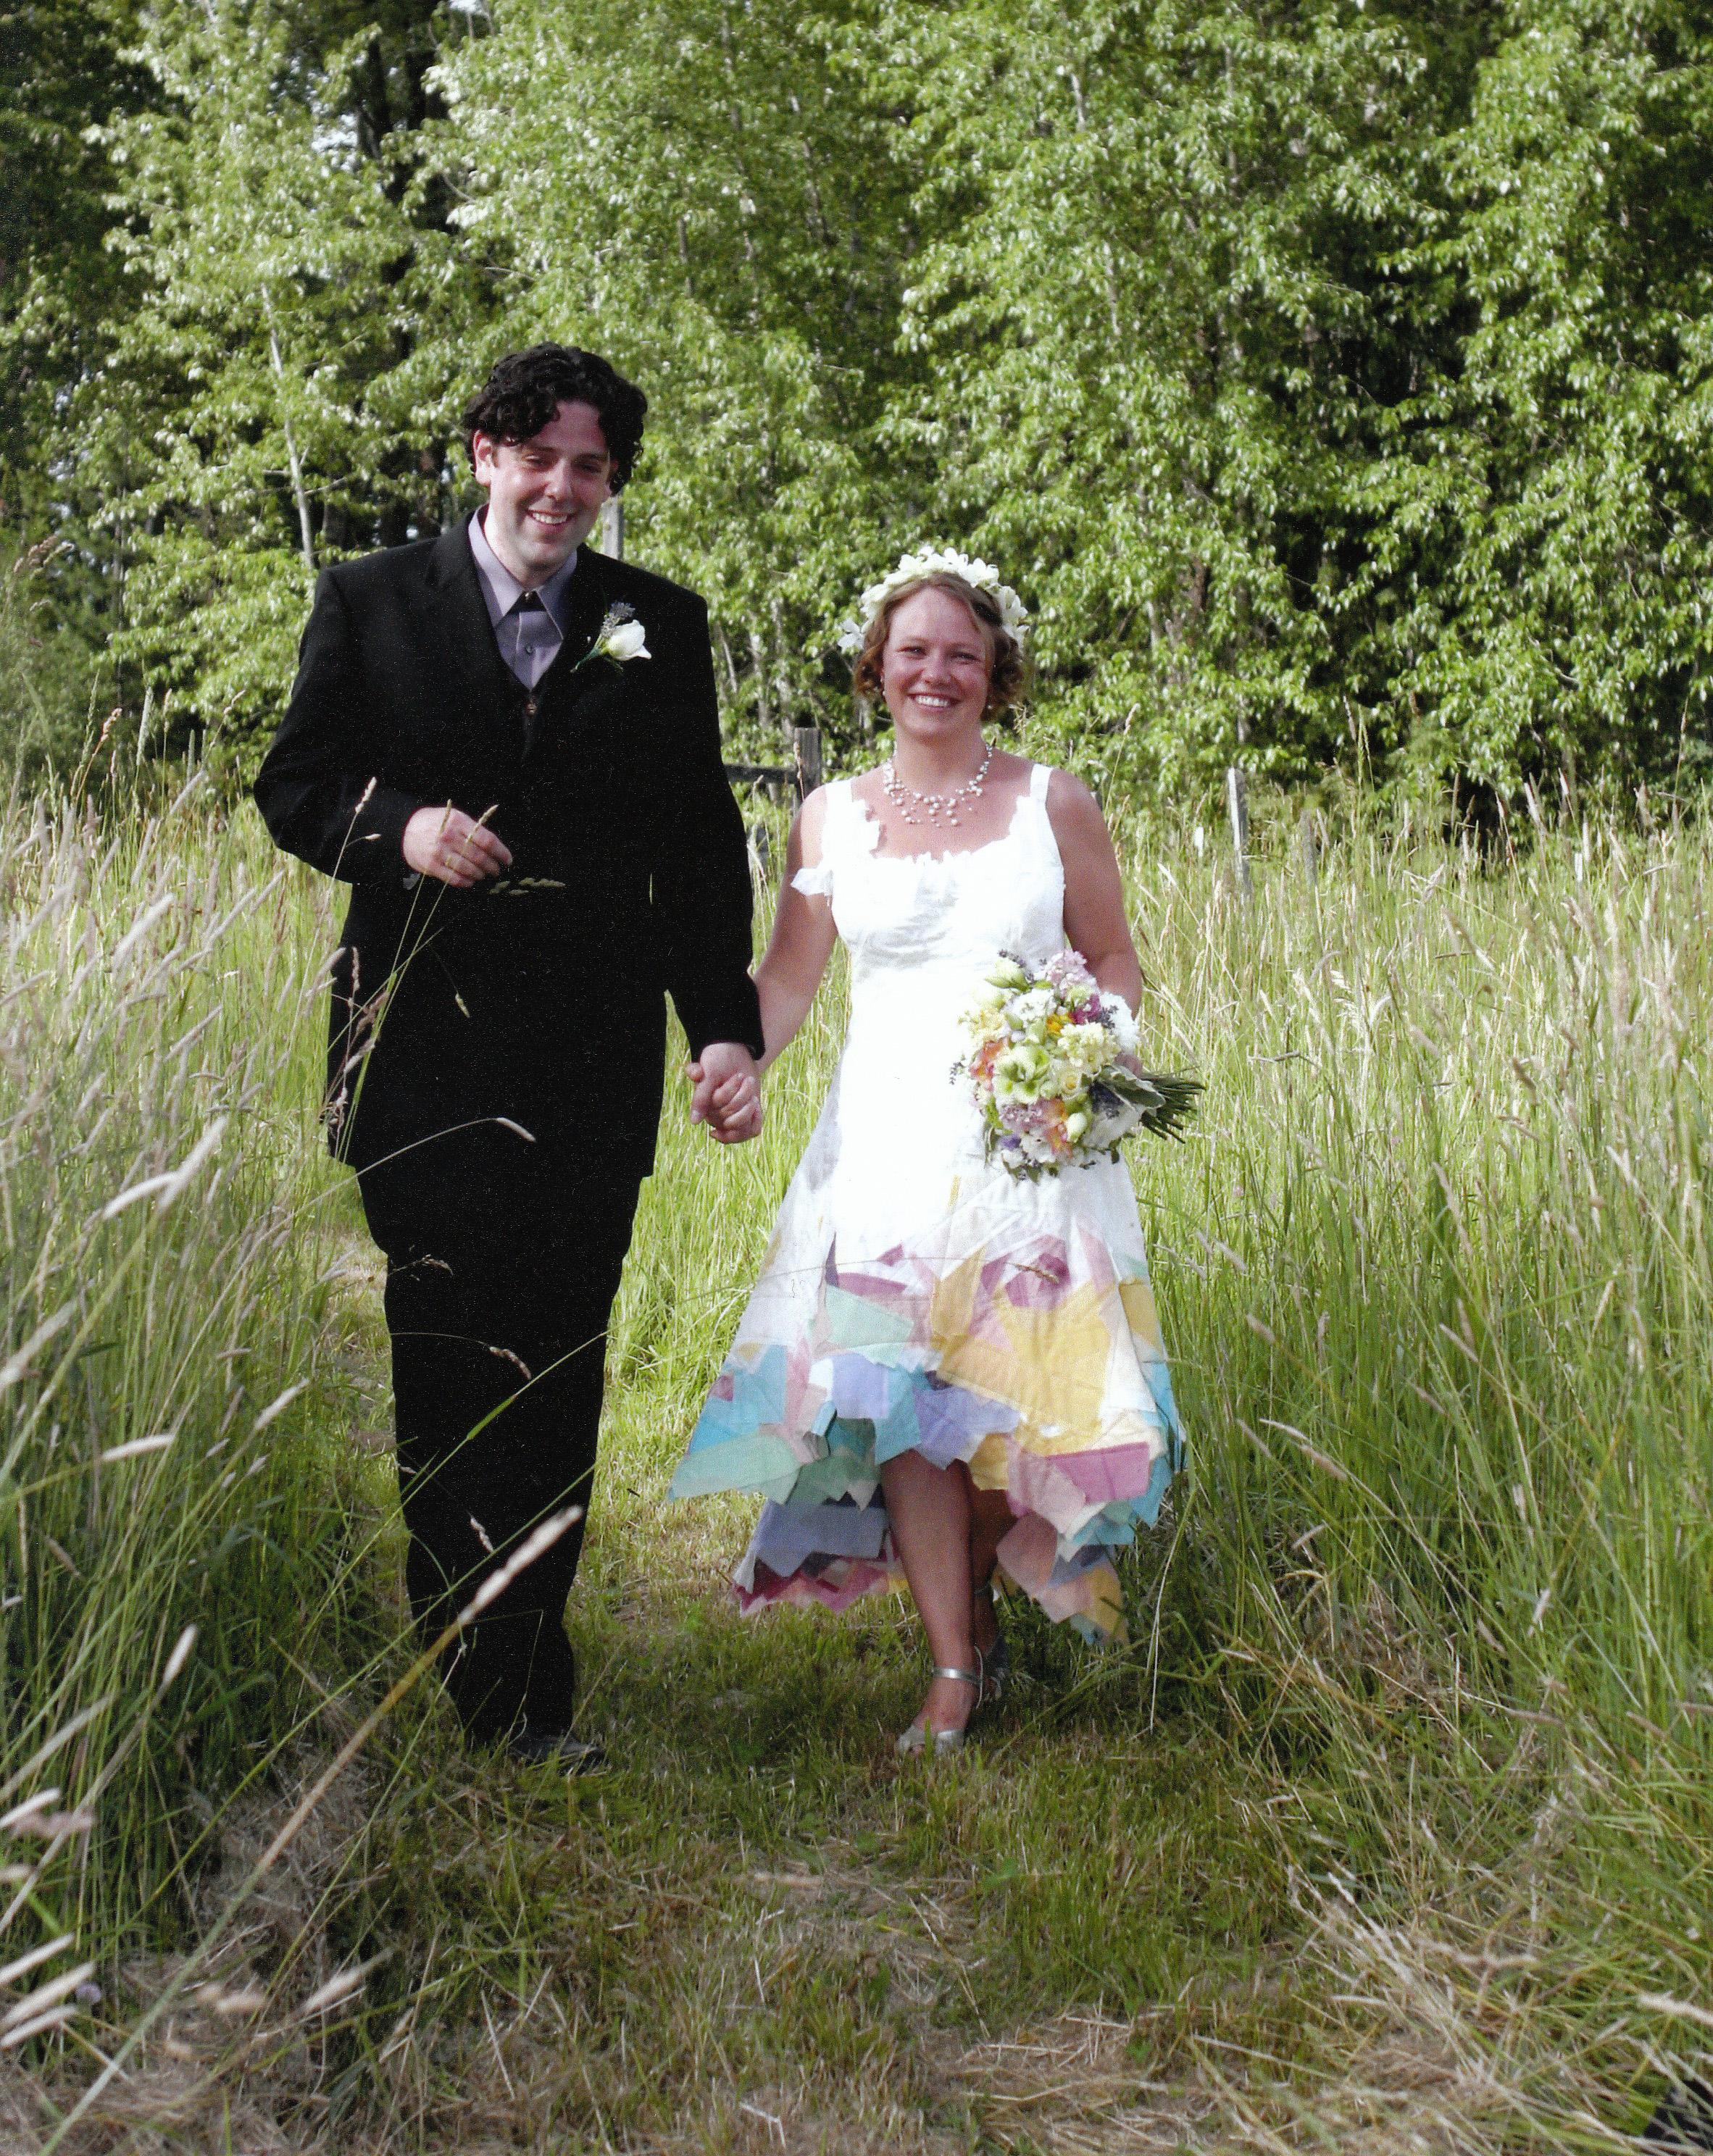 Serina + Ben's wedding